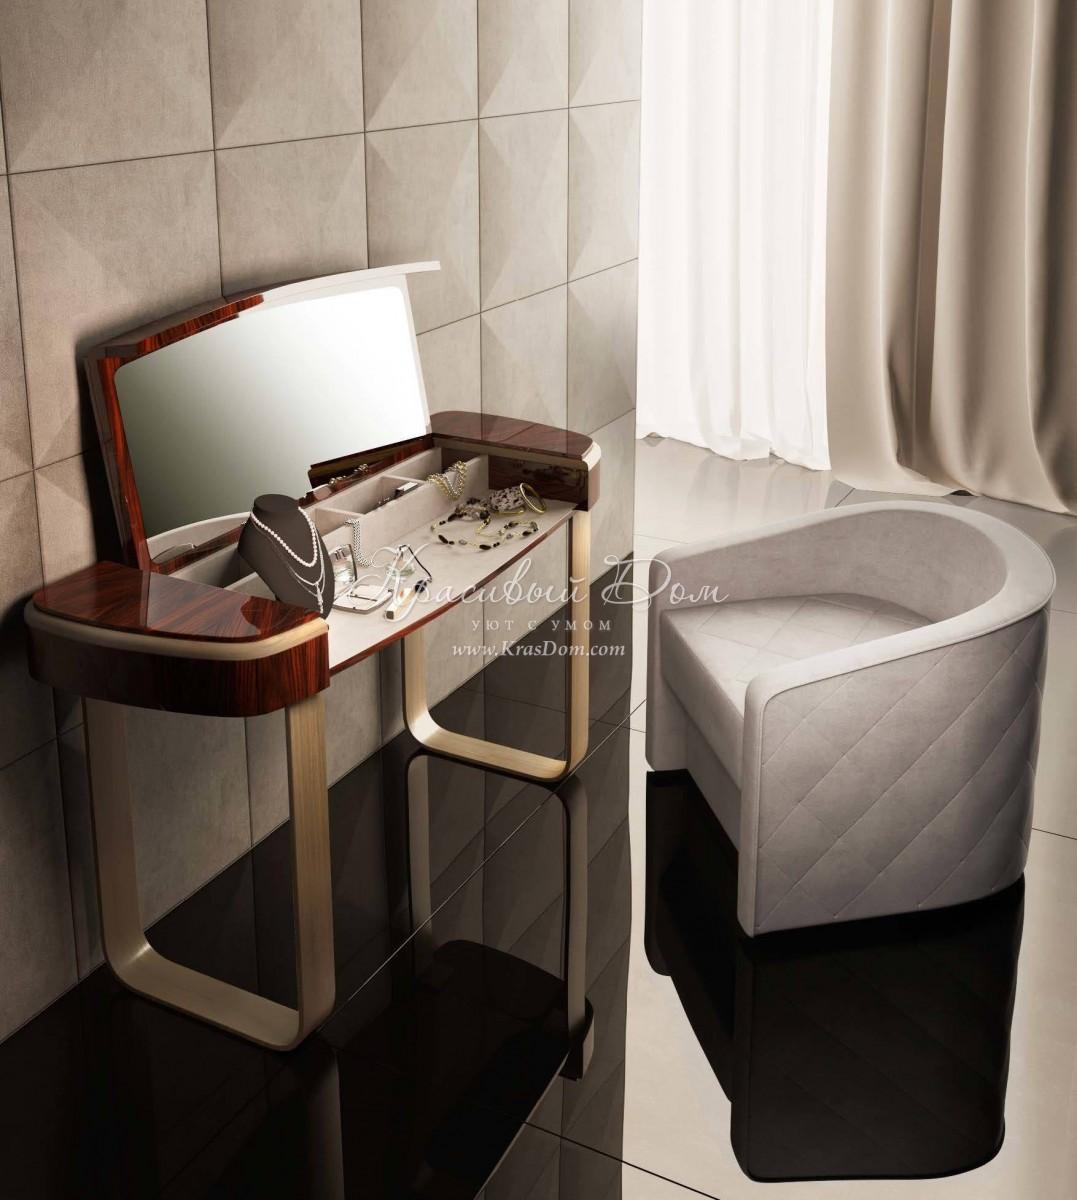 стол туалетный Mstl0059 туалетный столик с откидной крышкой с